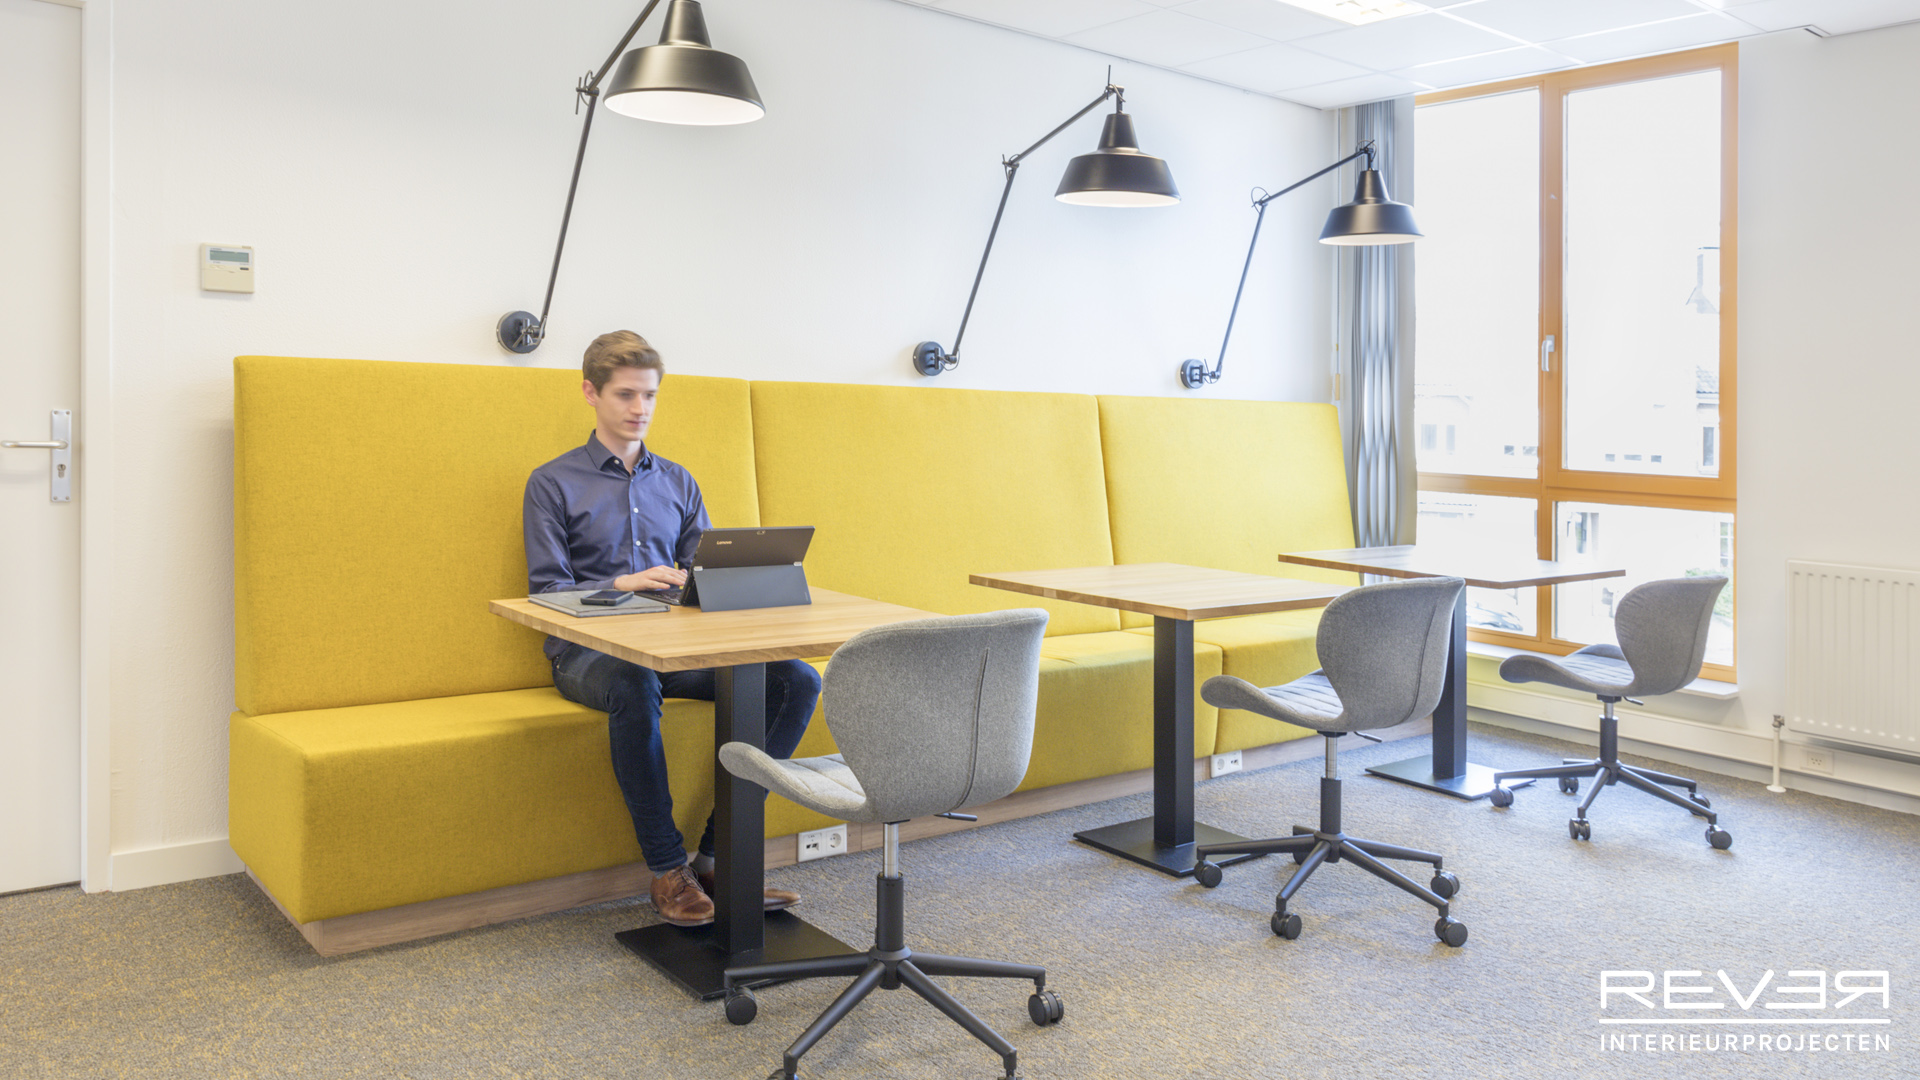 Rever interieurprojecten kantoor bureau jeugdzorg for Bureau jeugdzorg